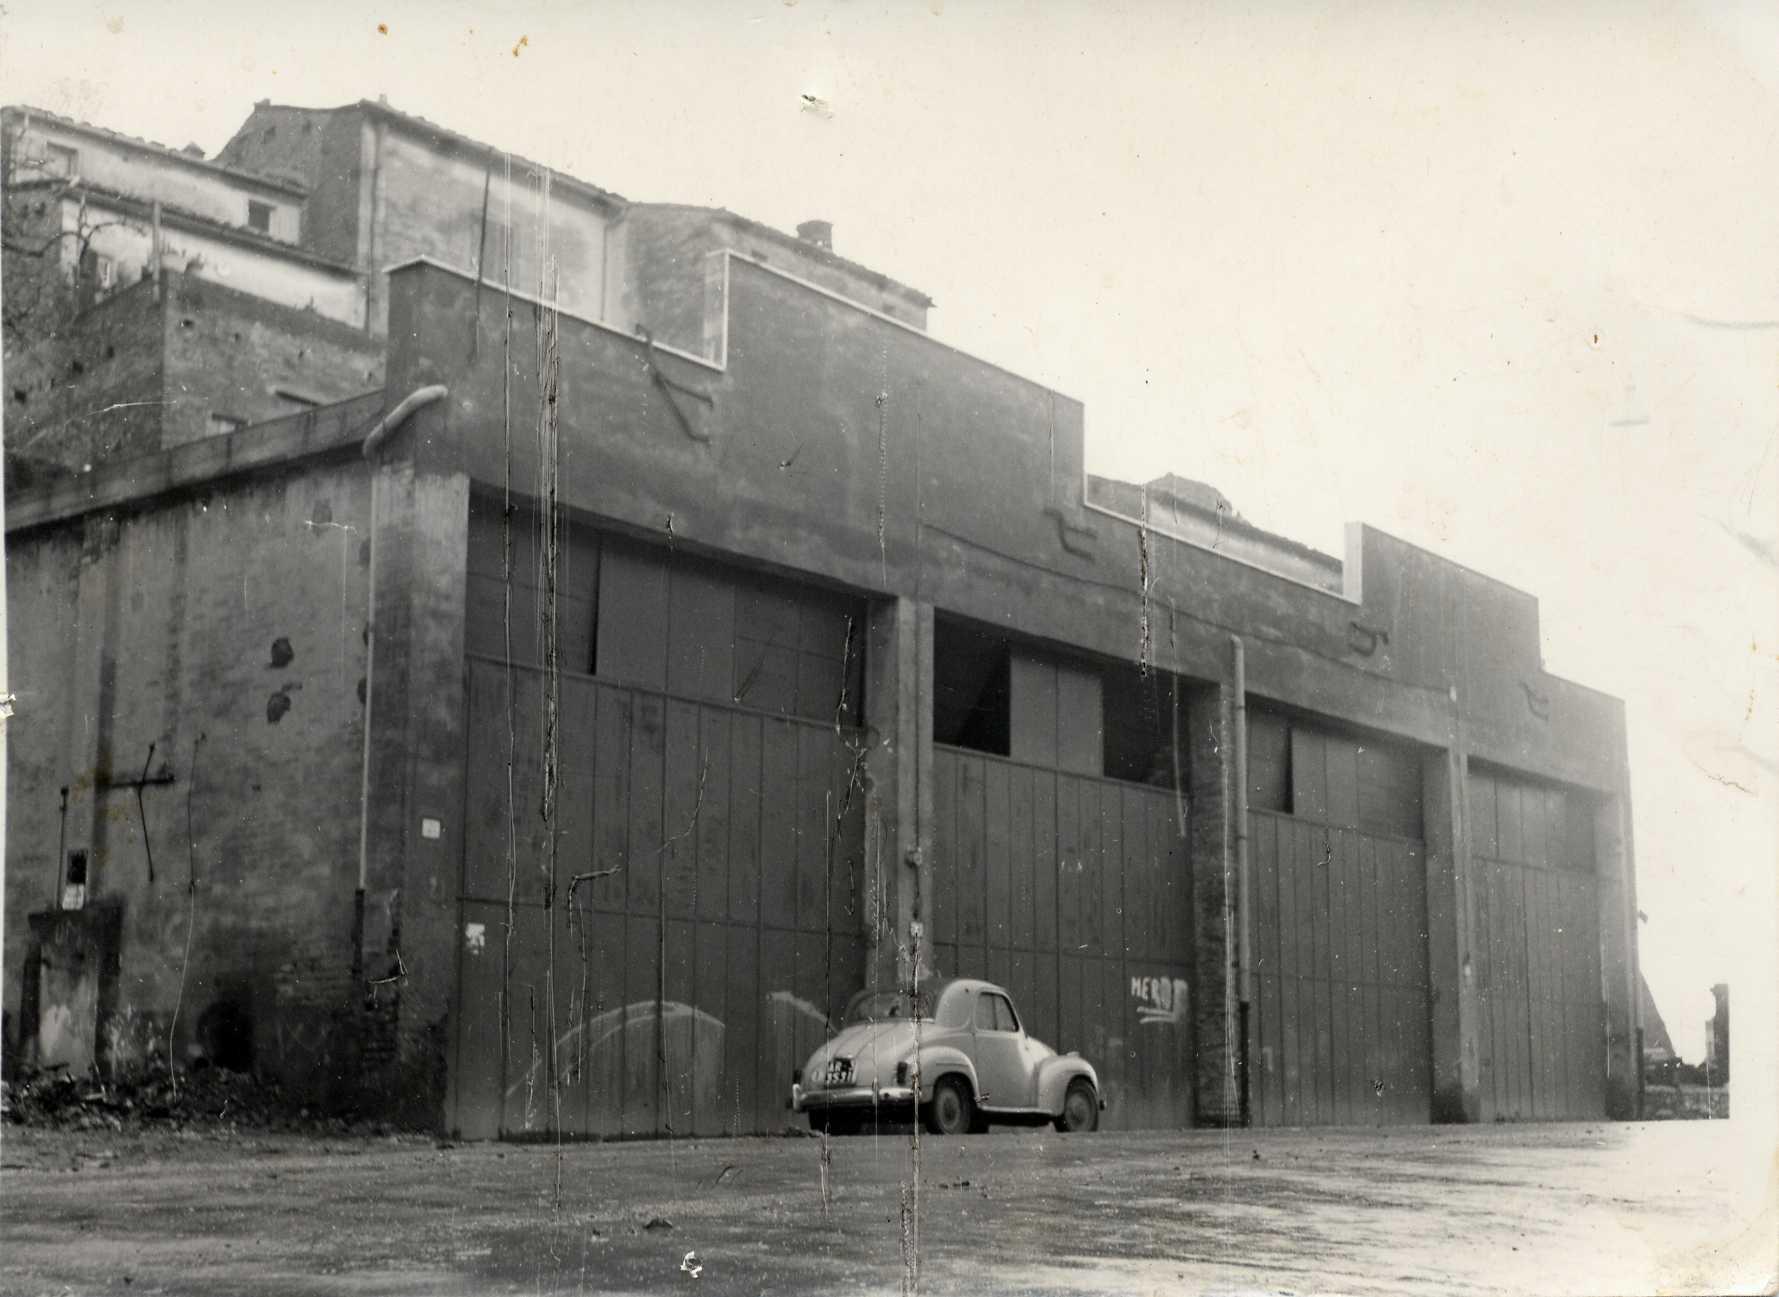 1940-1946 - I CARRI NON VENGONO COSTRUITI A CAUSA DELLA GUERRA